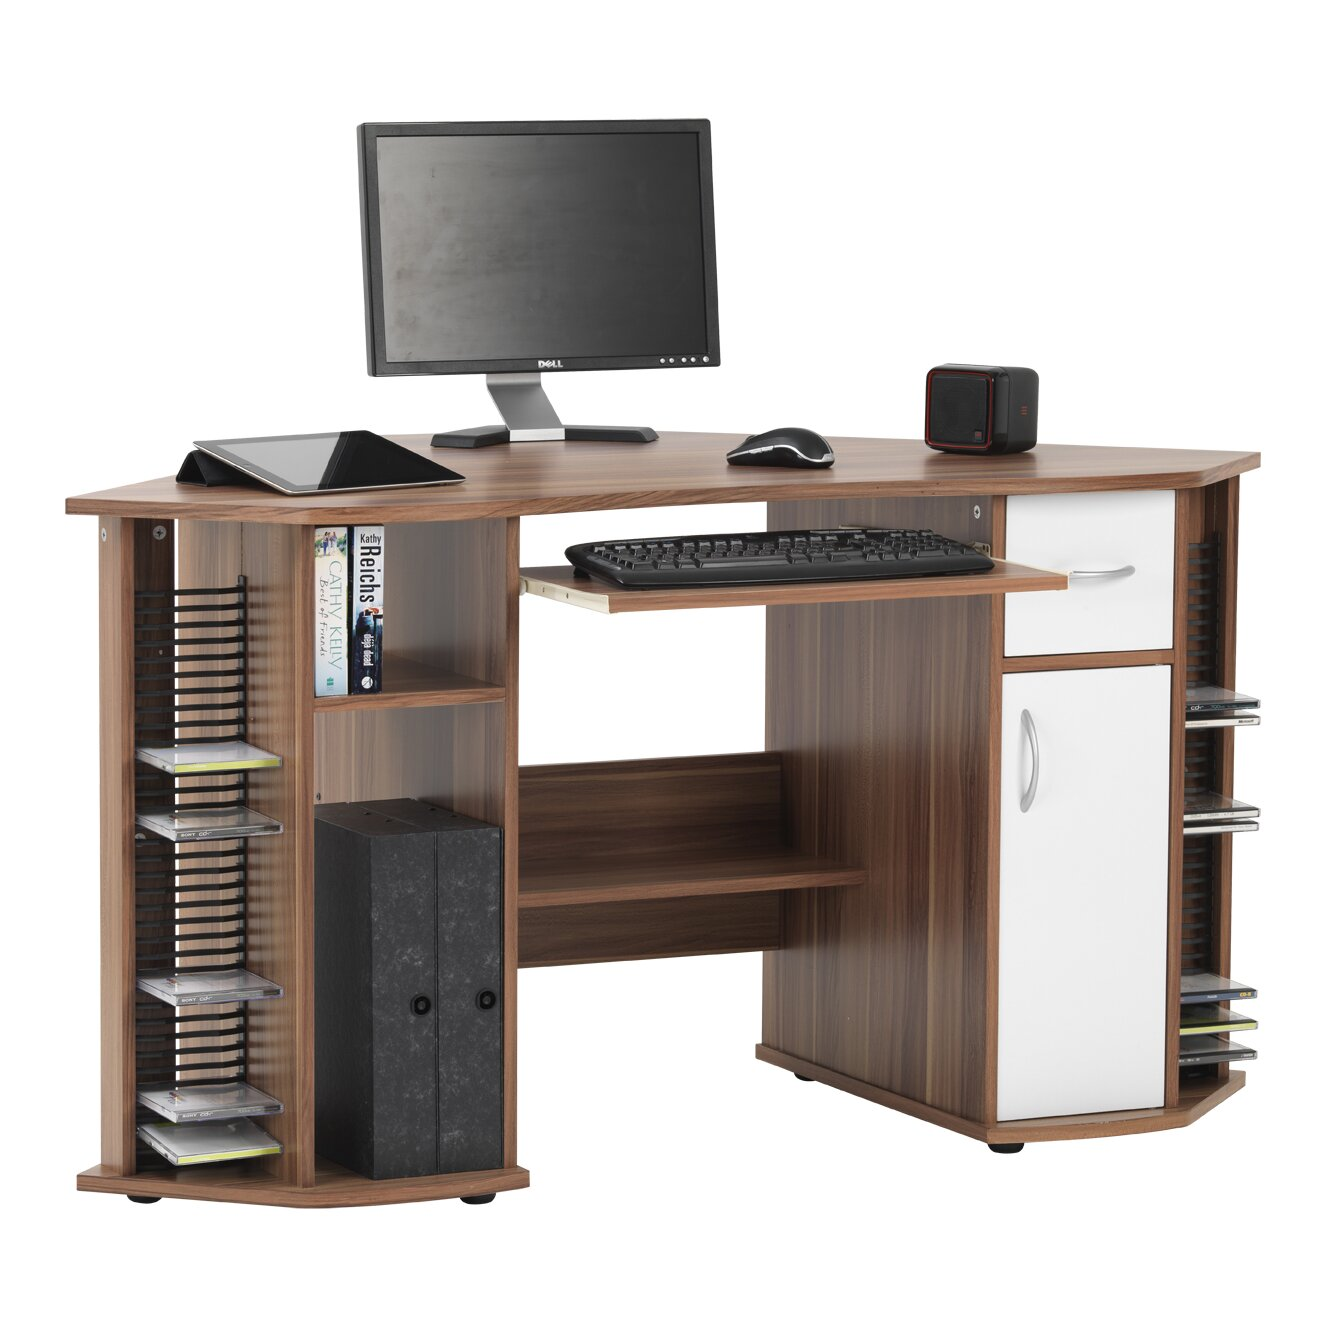 Maxam Computer Desk With Keyboard Tray Wayfair Uk